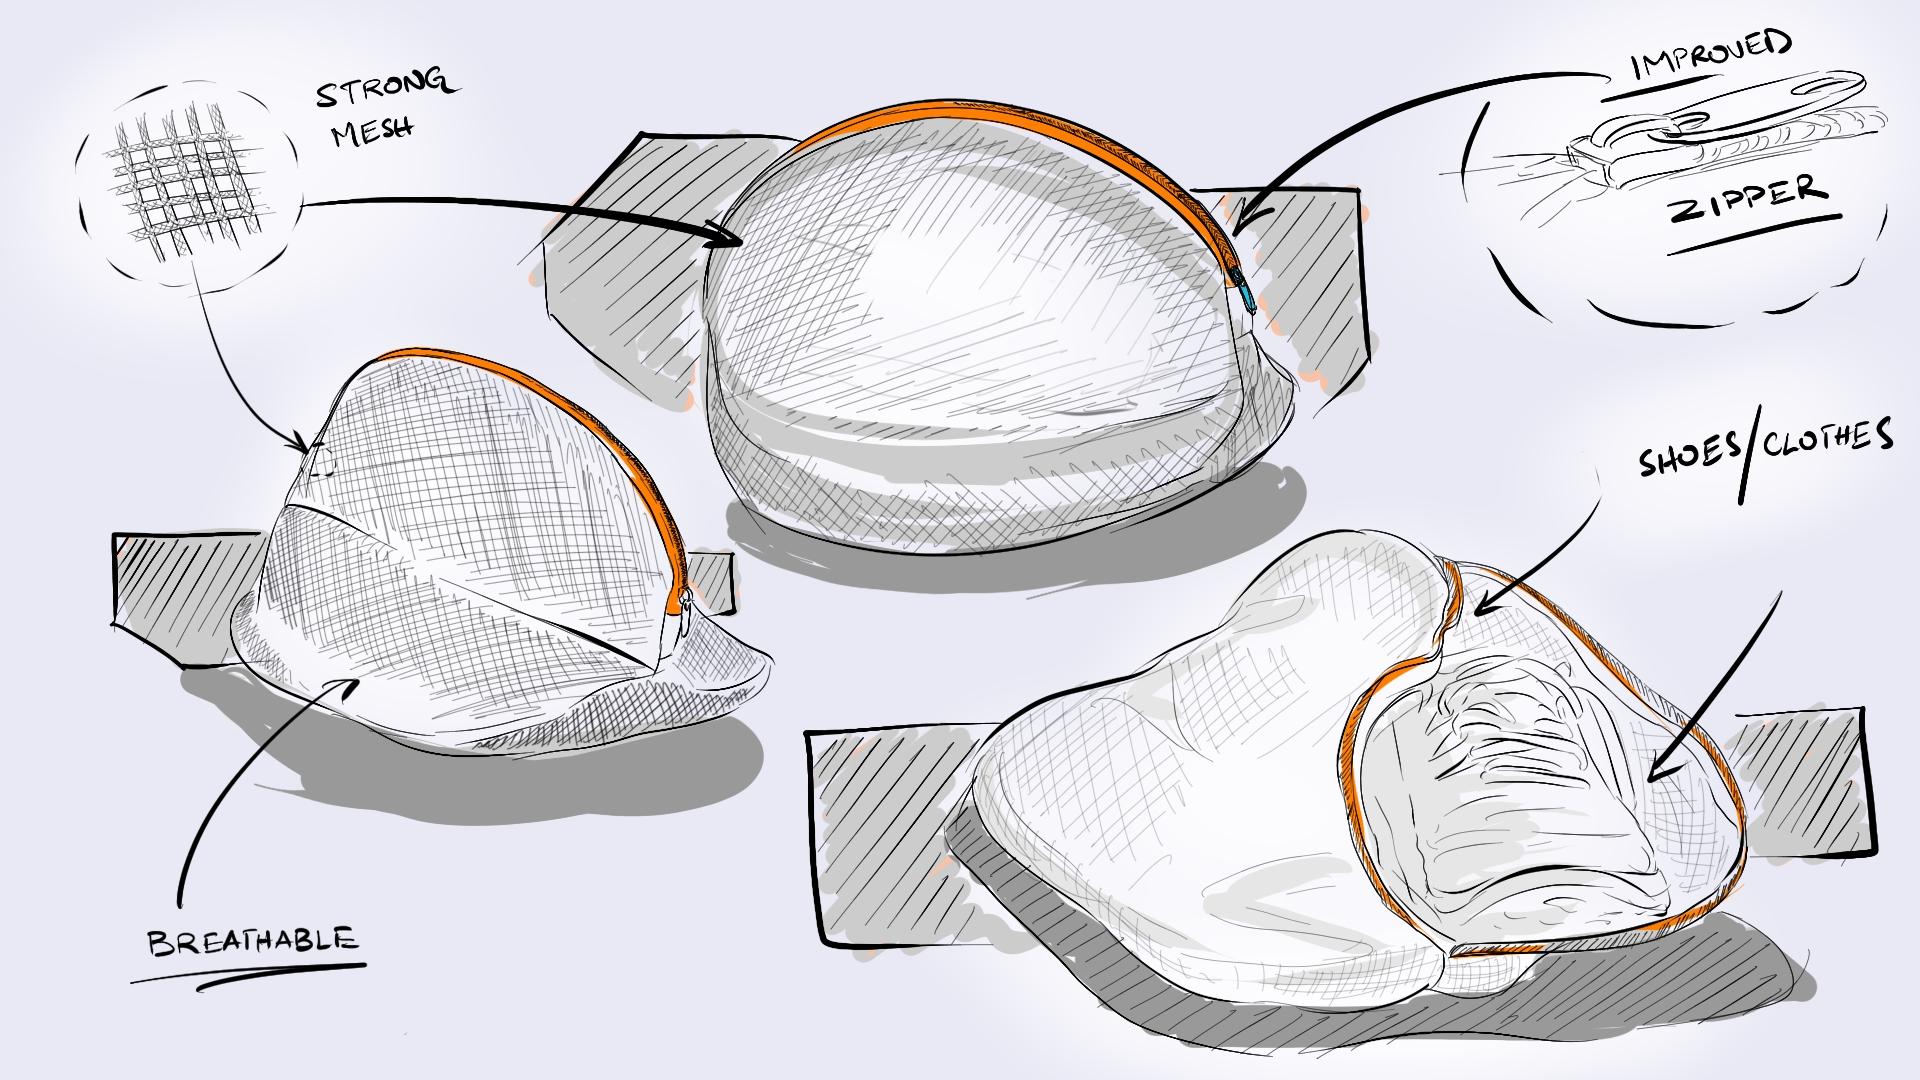 wäschenetze sketch von frogando